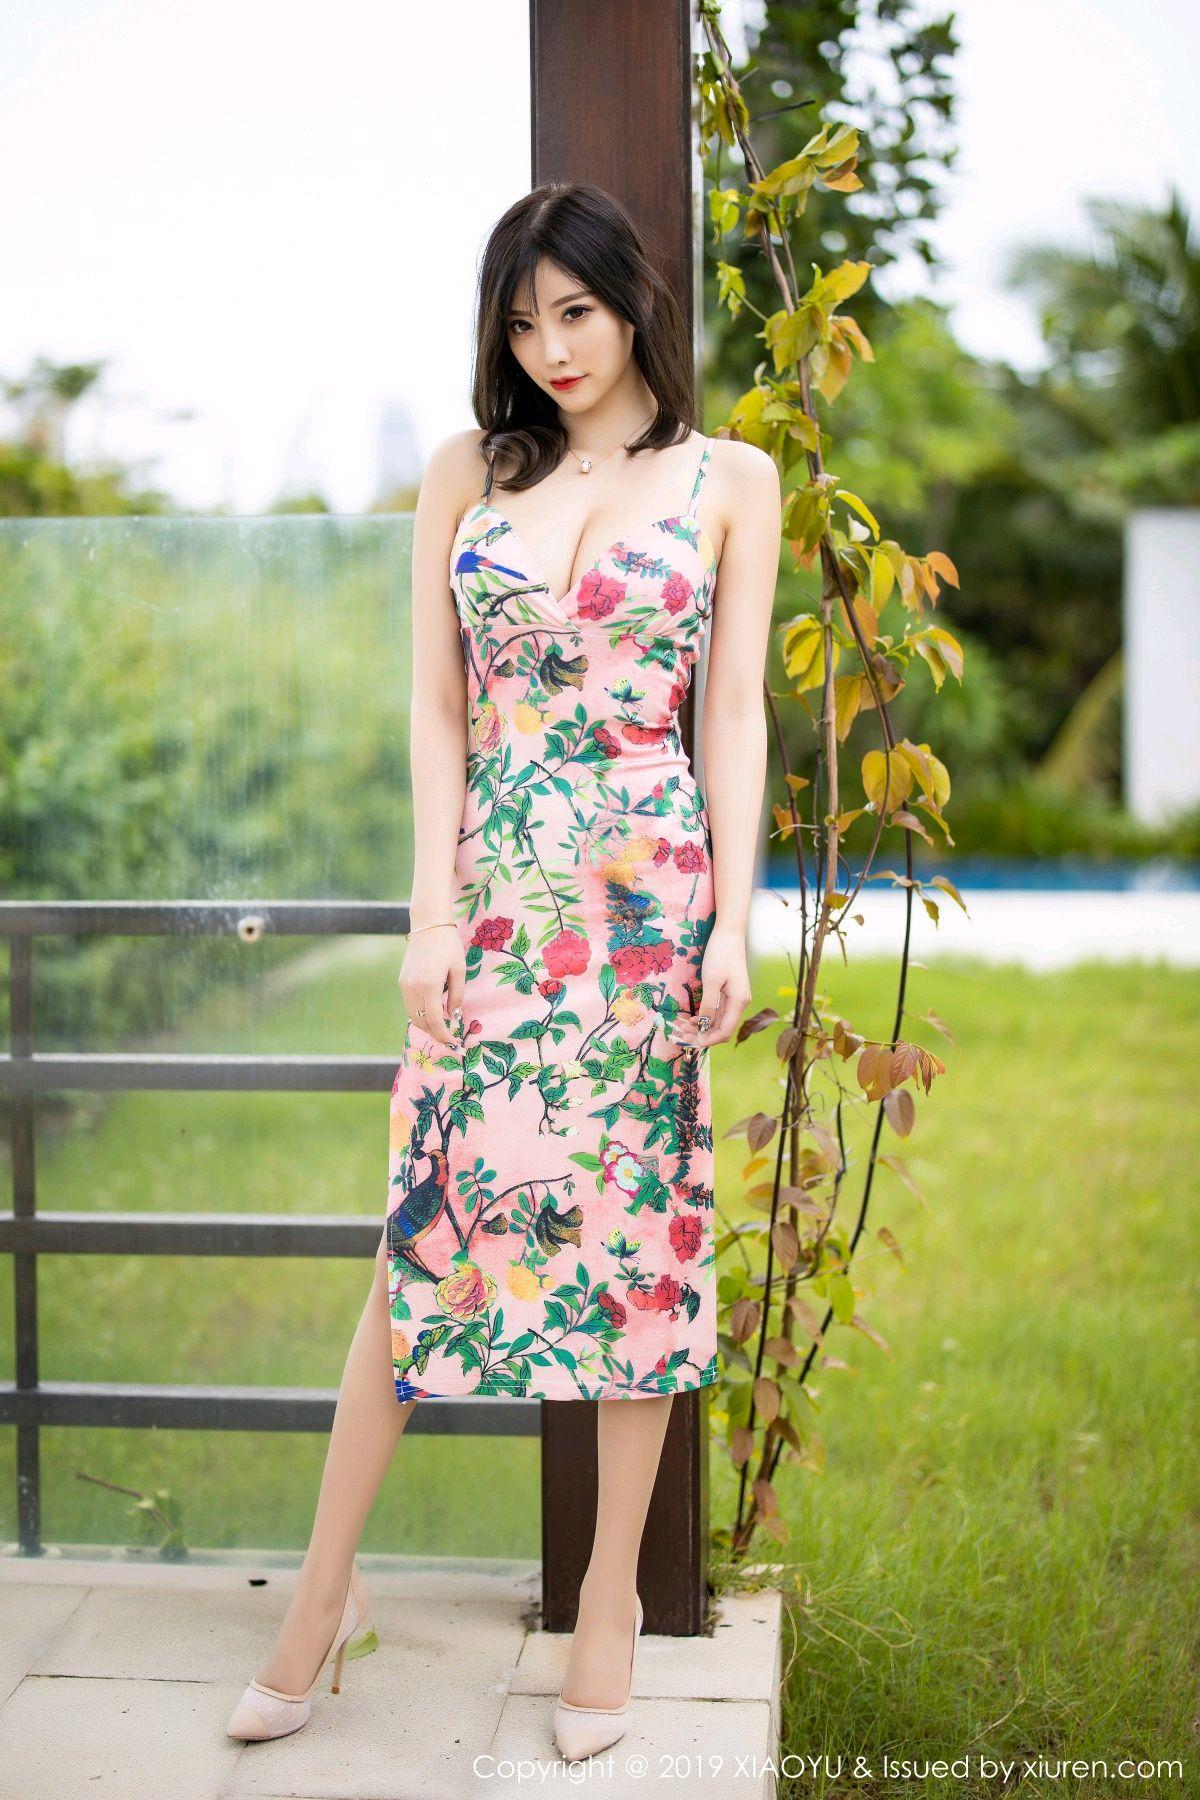 [XiaoYu] Vol.194 Yang Chen Chen 1P, Bikini, XiaoYu, Yang Chen Chen